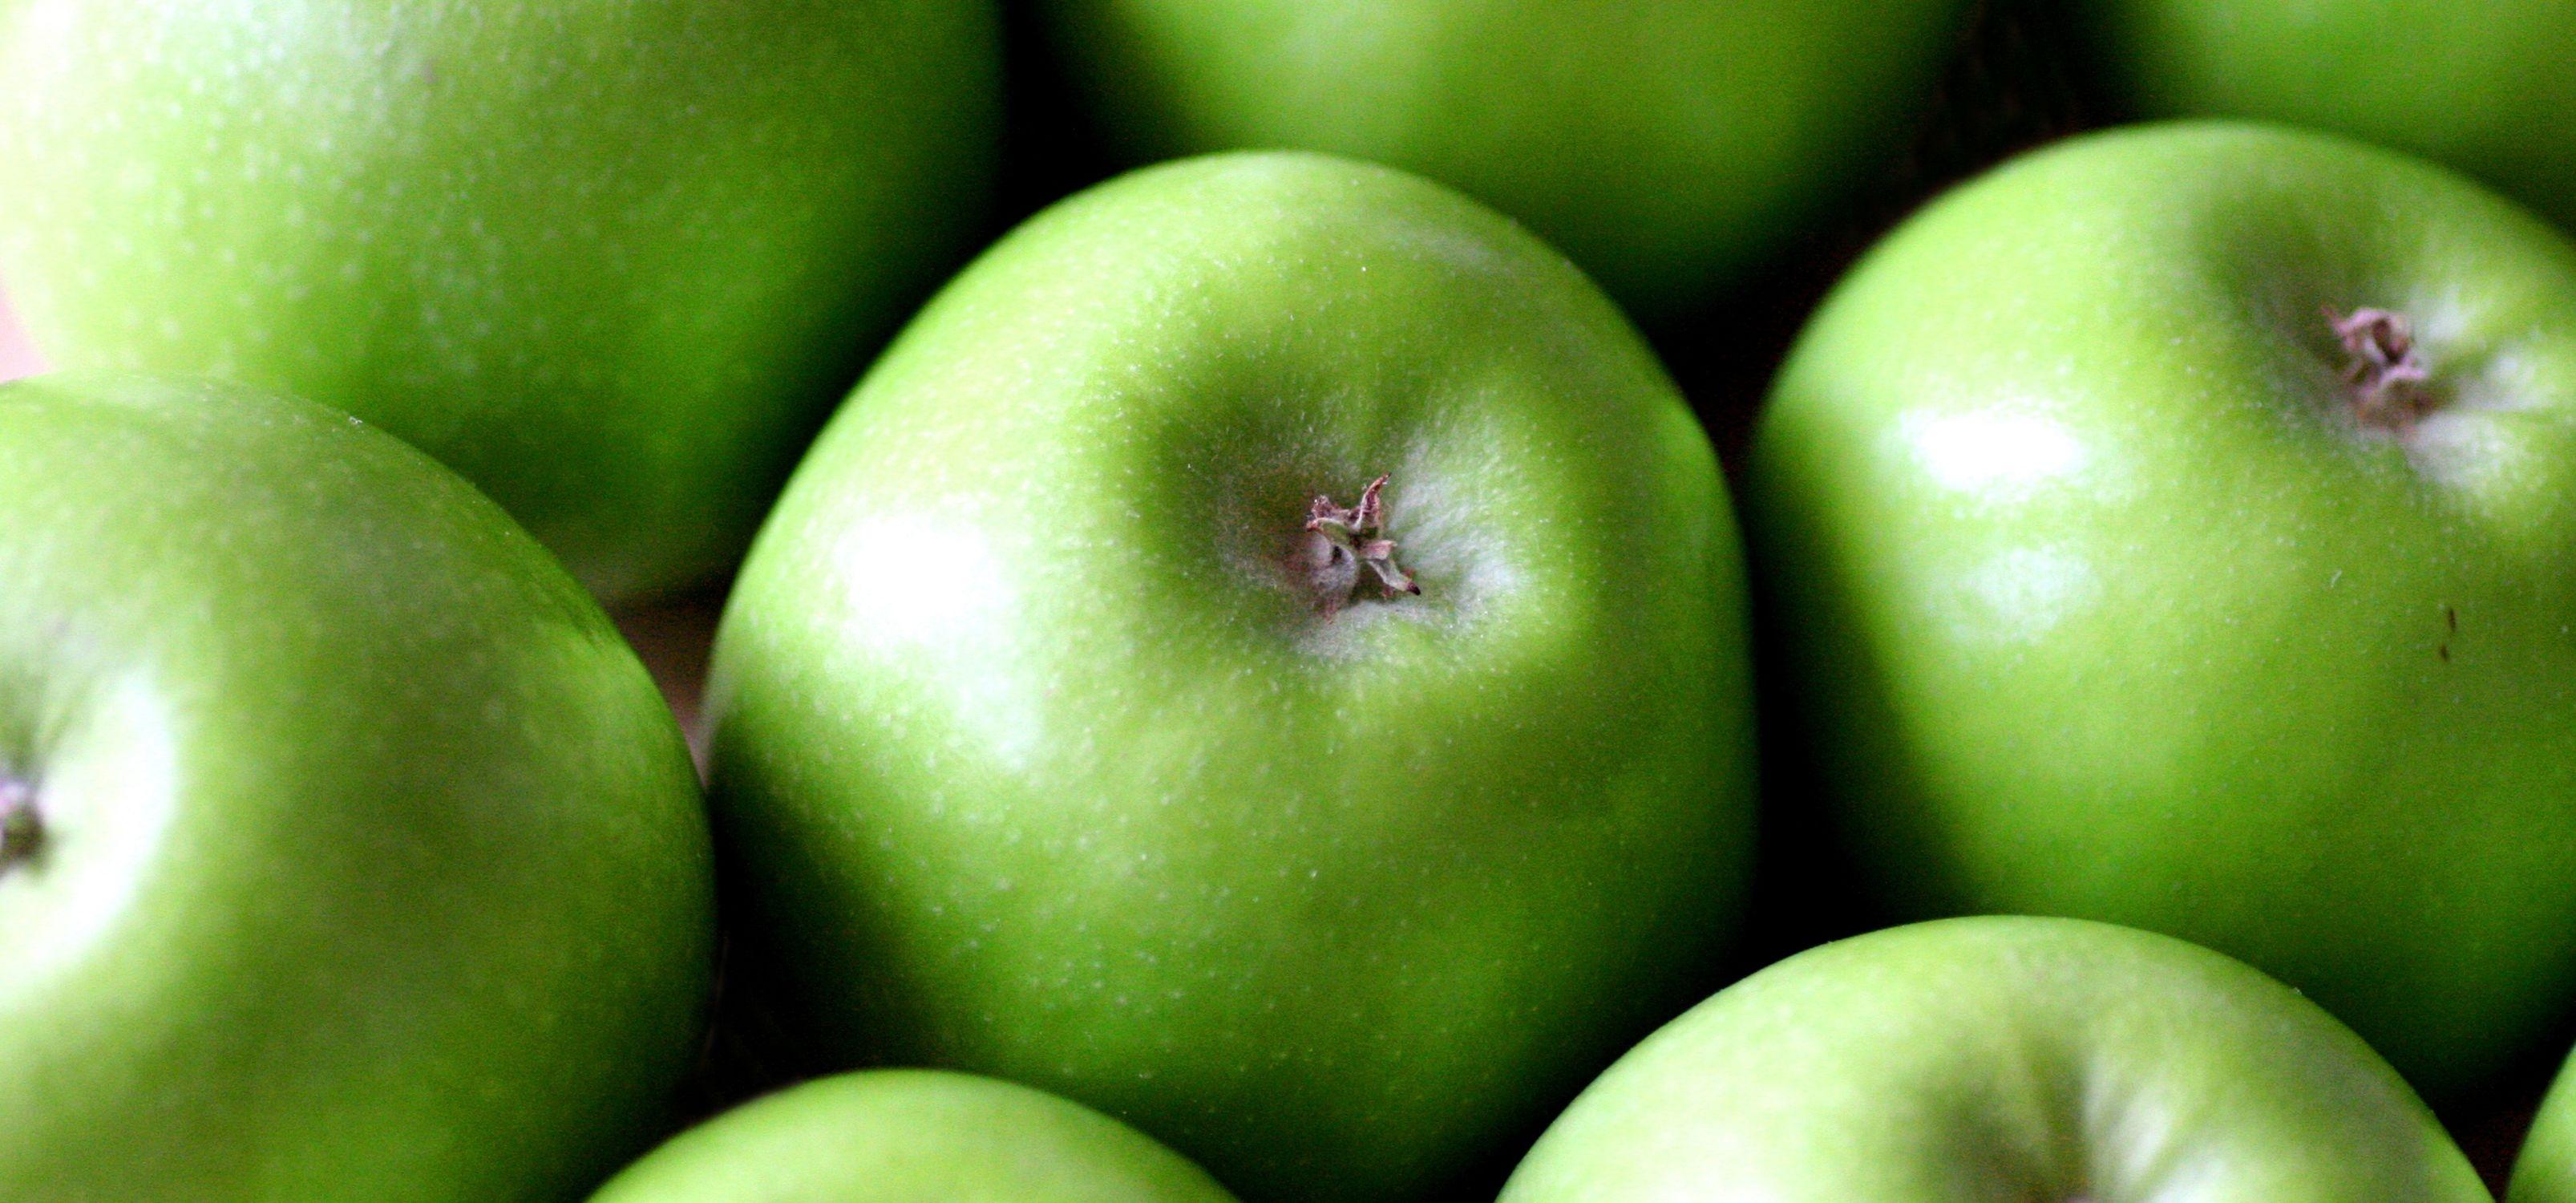 Bild mit Früchte, Lebensmittel, Essen, Frucht, Küchenbild, Apfel, Apfel